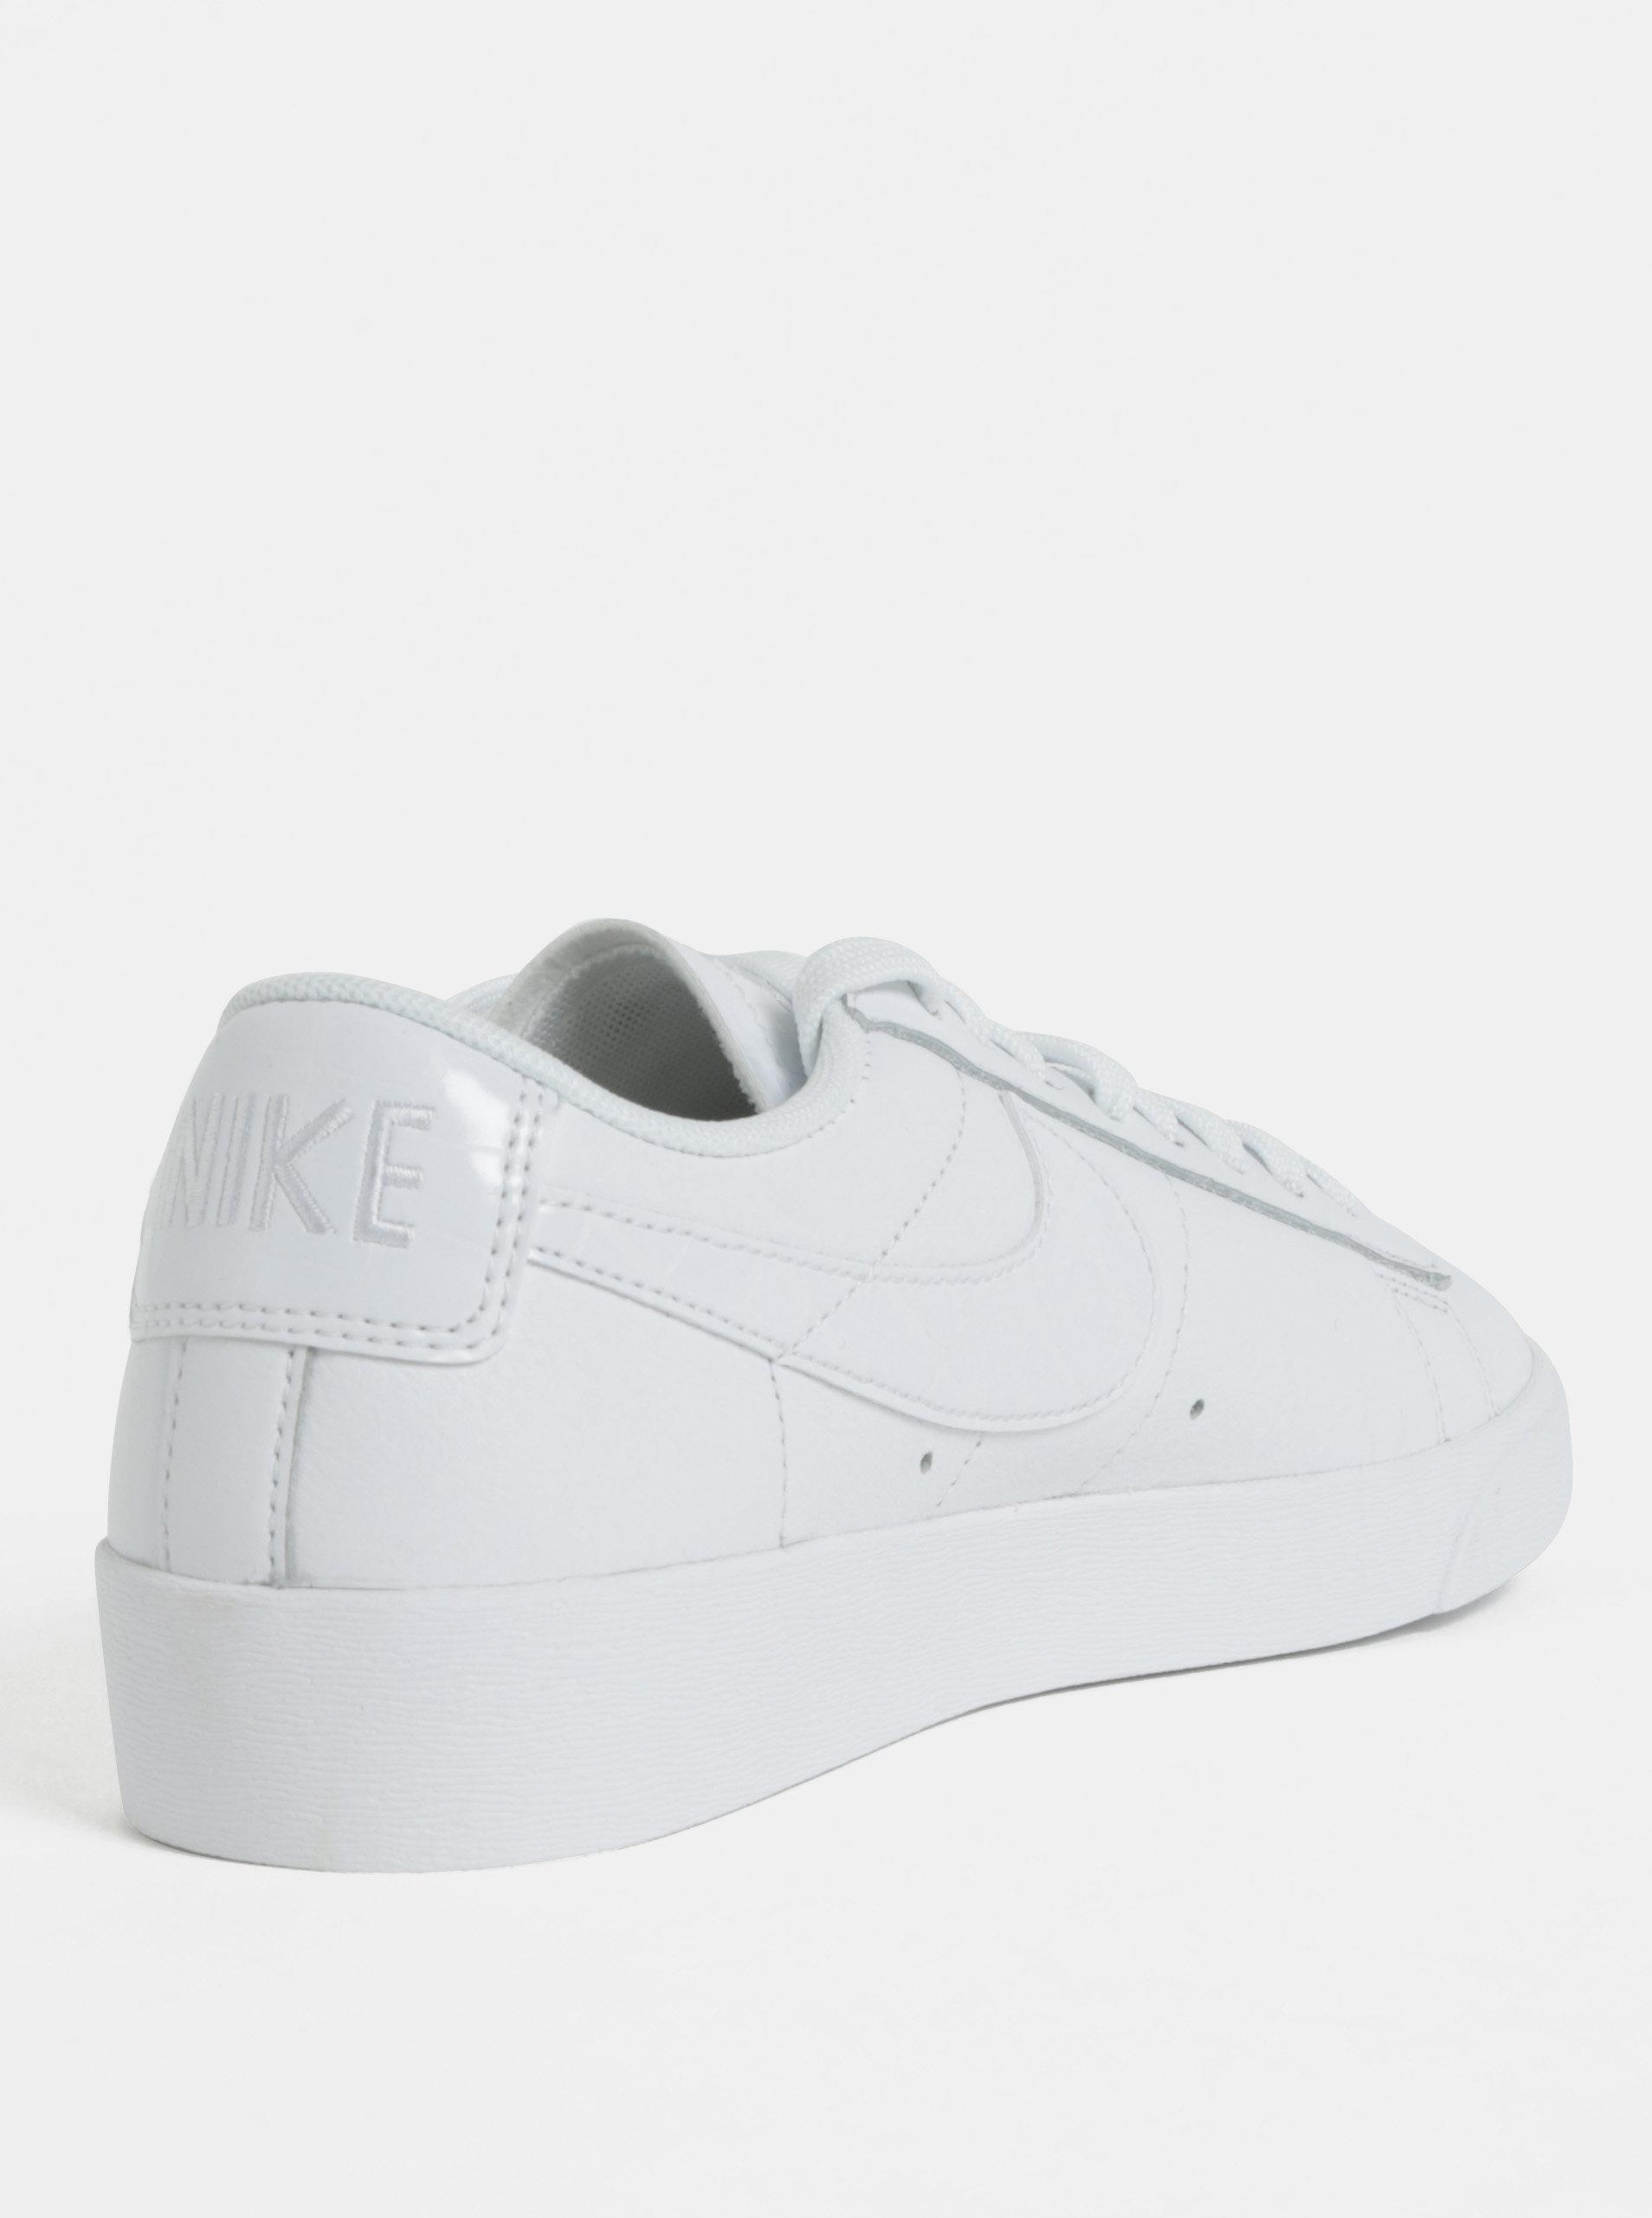 3d4948272a45 Biele dámske kožené tenisky Nike Blazer Low Leather ...